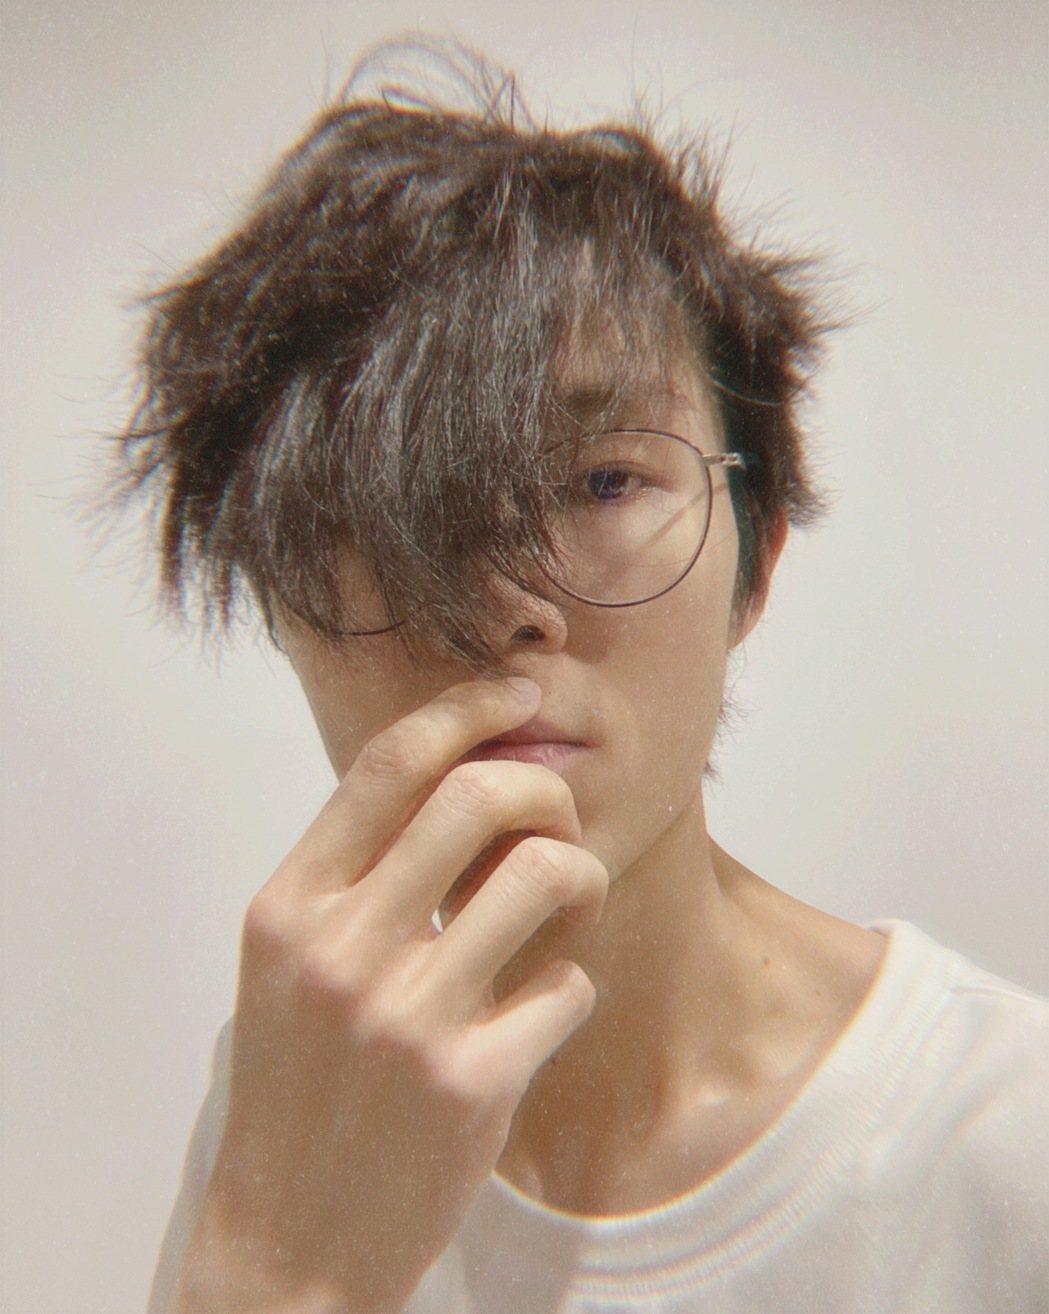 方大同宅家半年沒剪頭髮,催生新歌「頭髮有點長」。圖/賦音樂提供